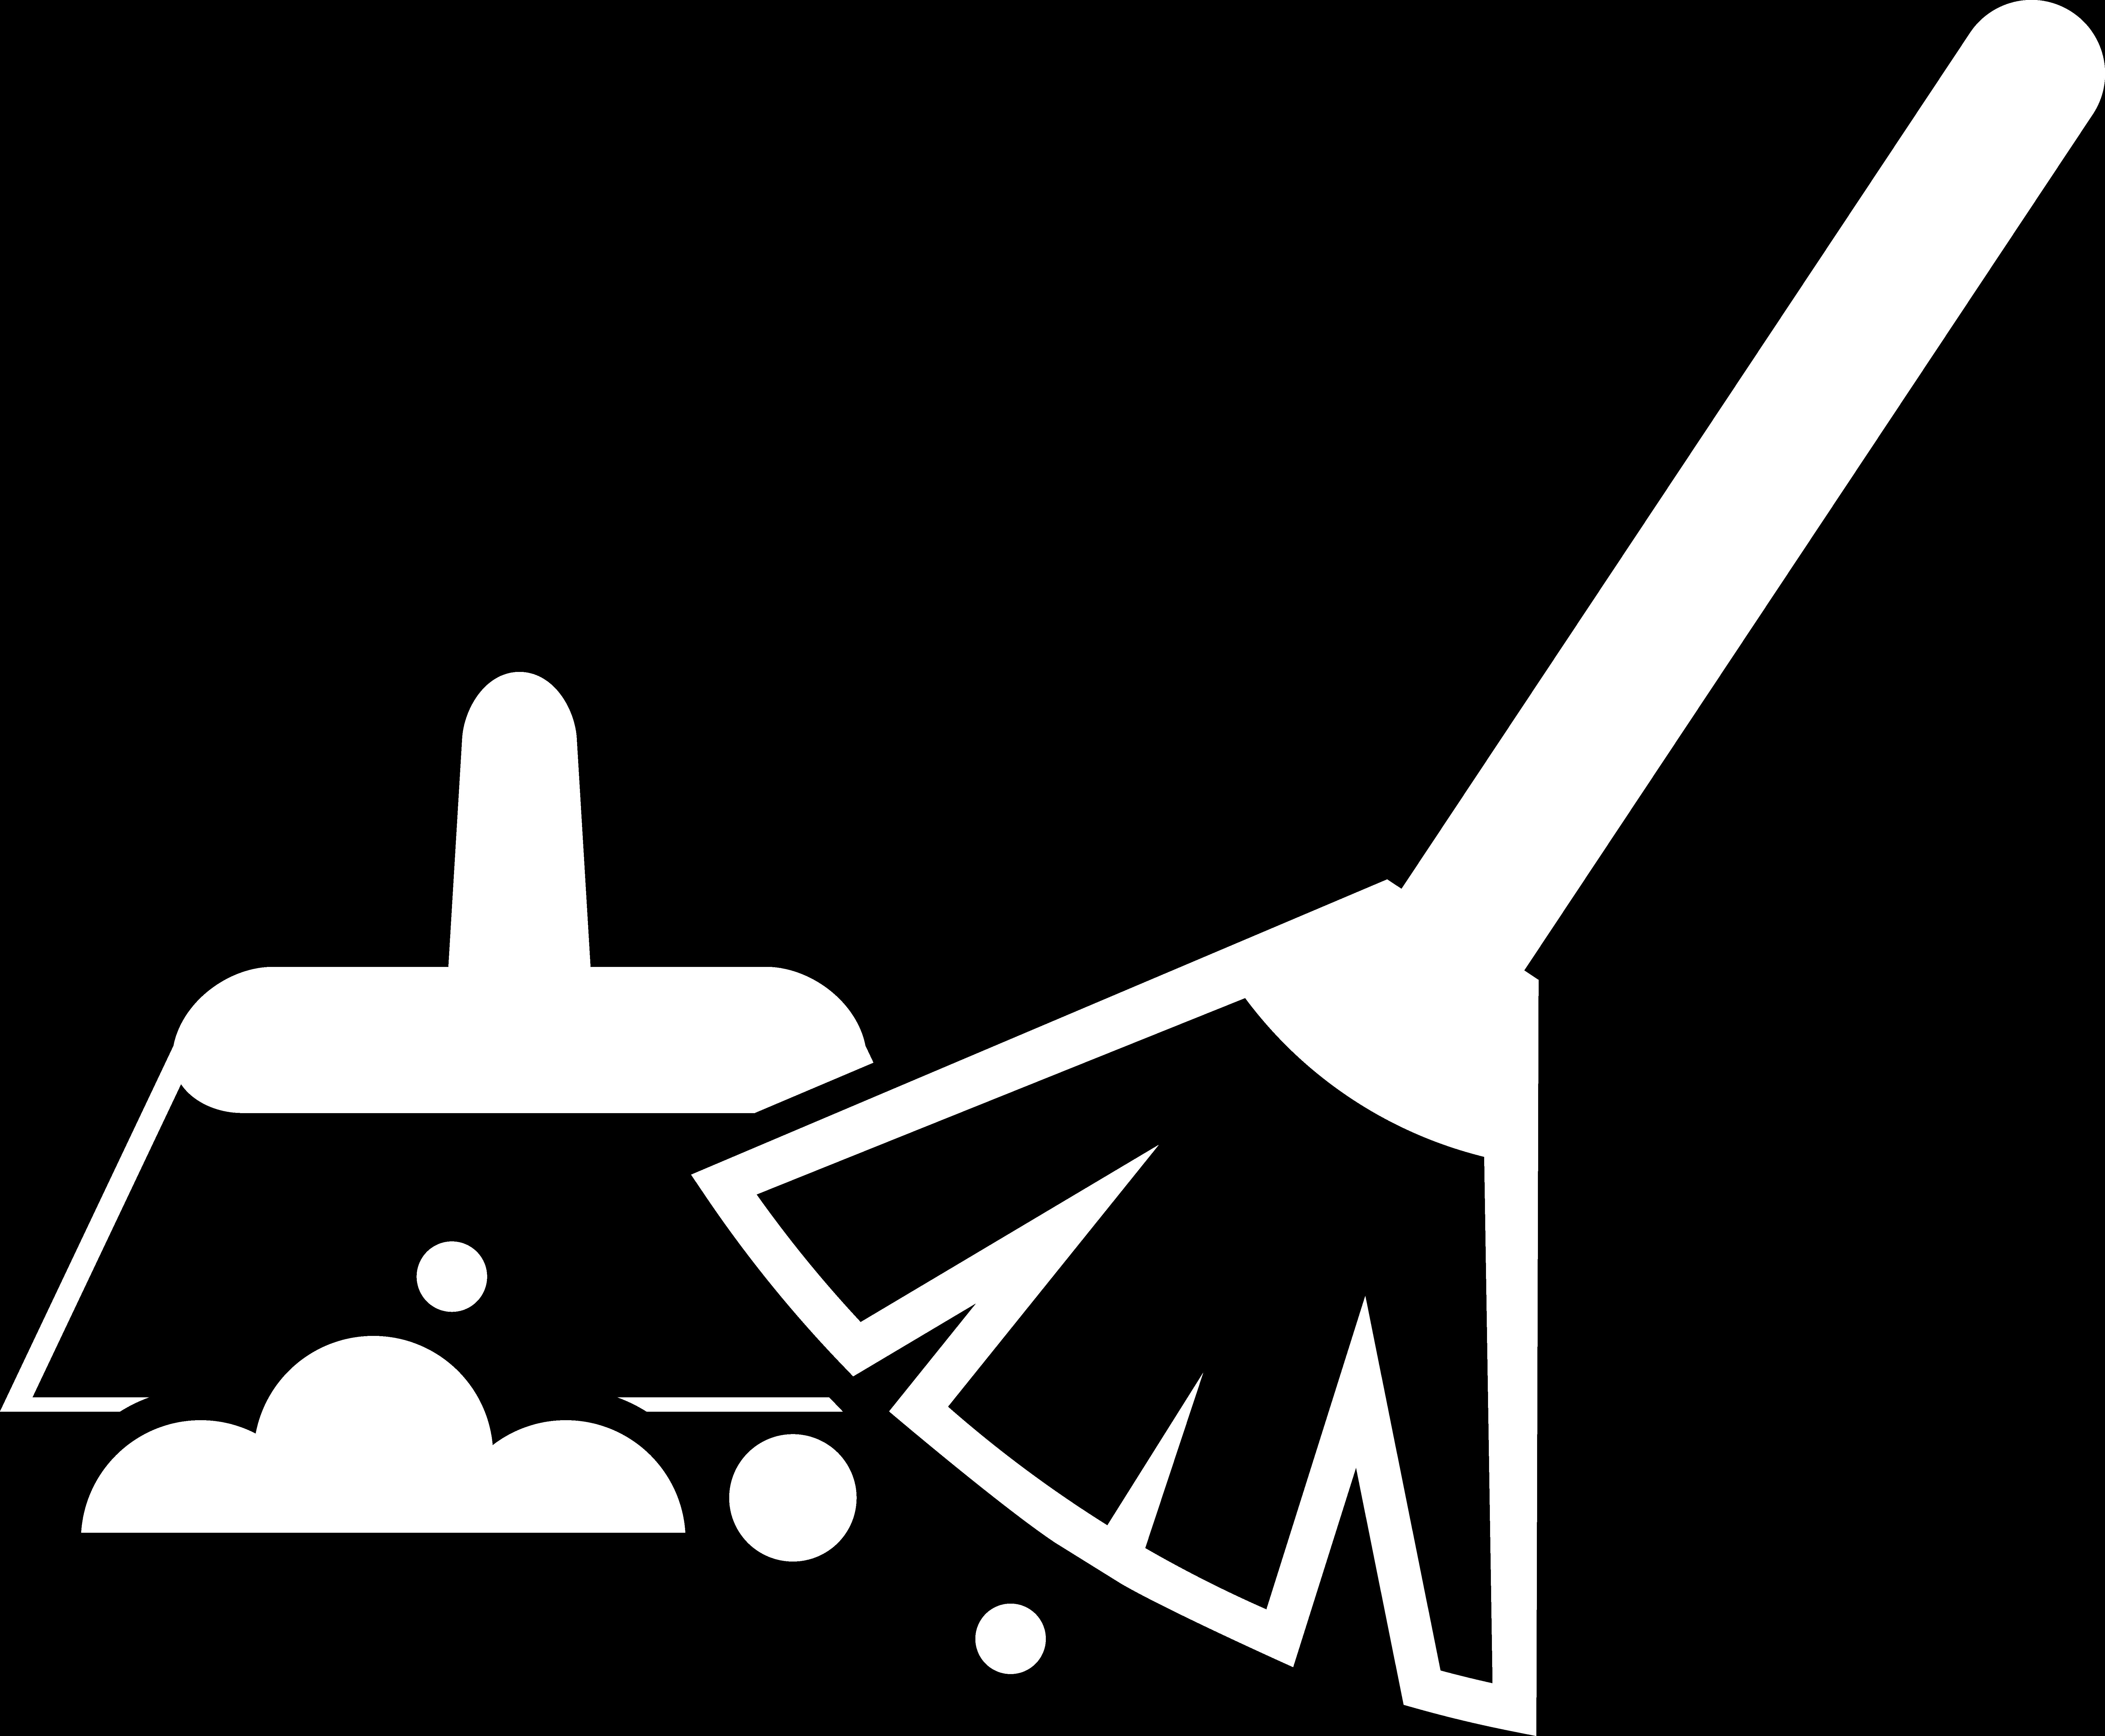 icon-reinigungskraft-gjl-dienstleistungen